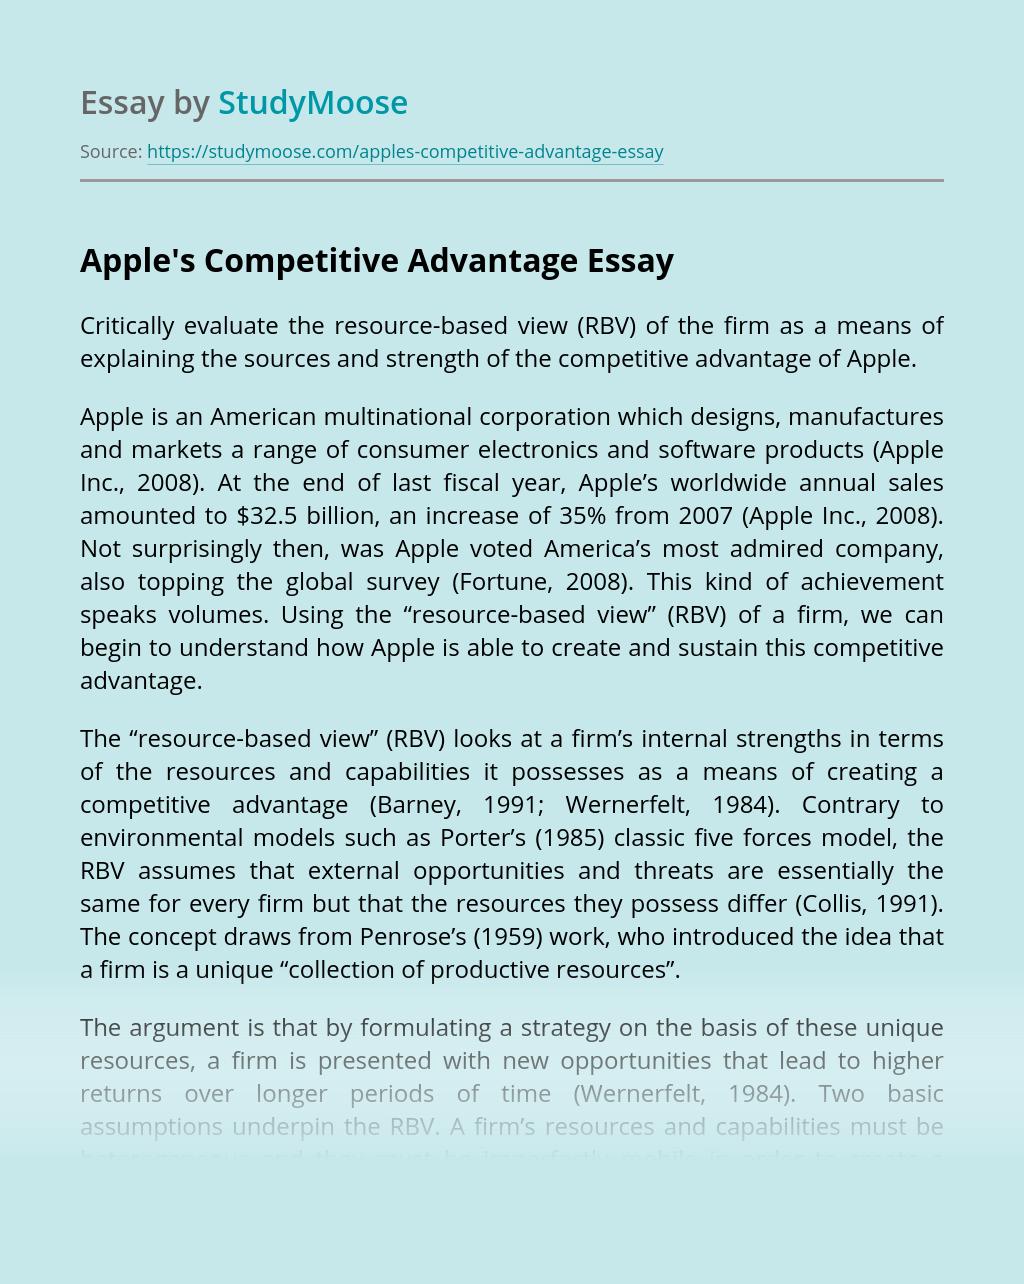 Apple's Competitive Advantage